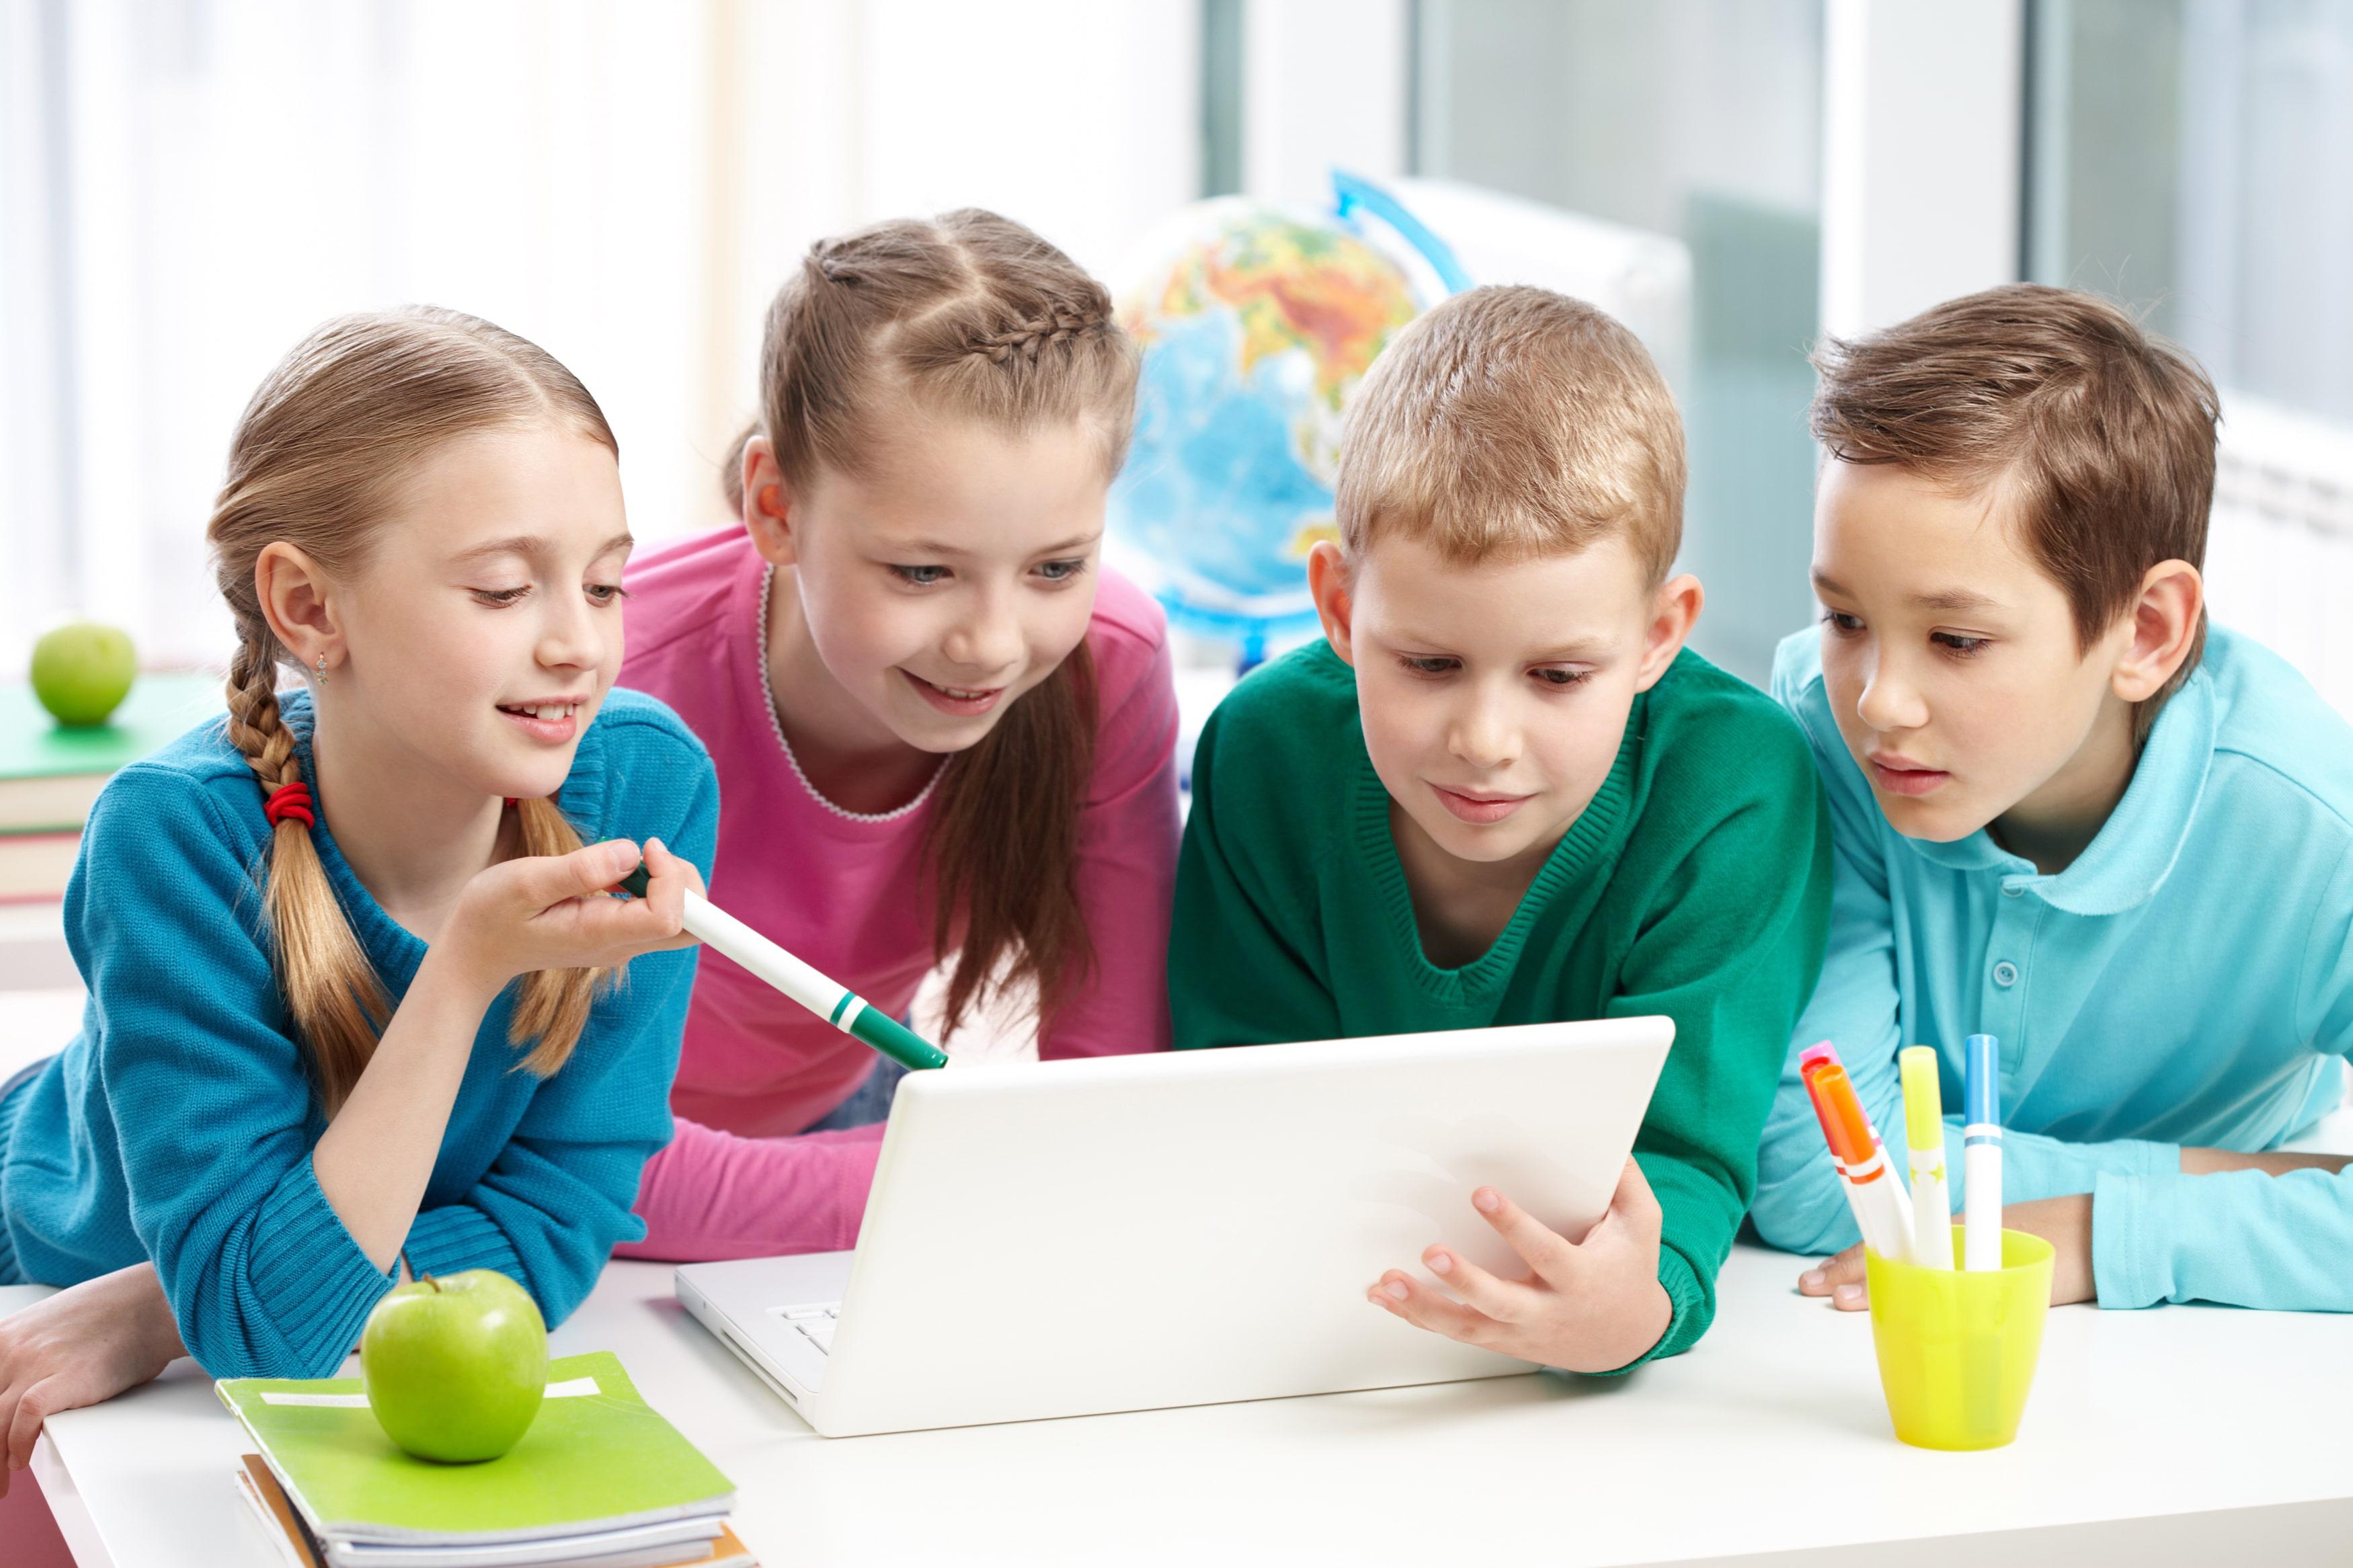 Ouverture des États généraux du numérique pour l'éducation